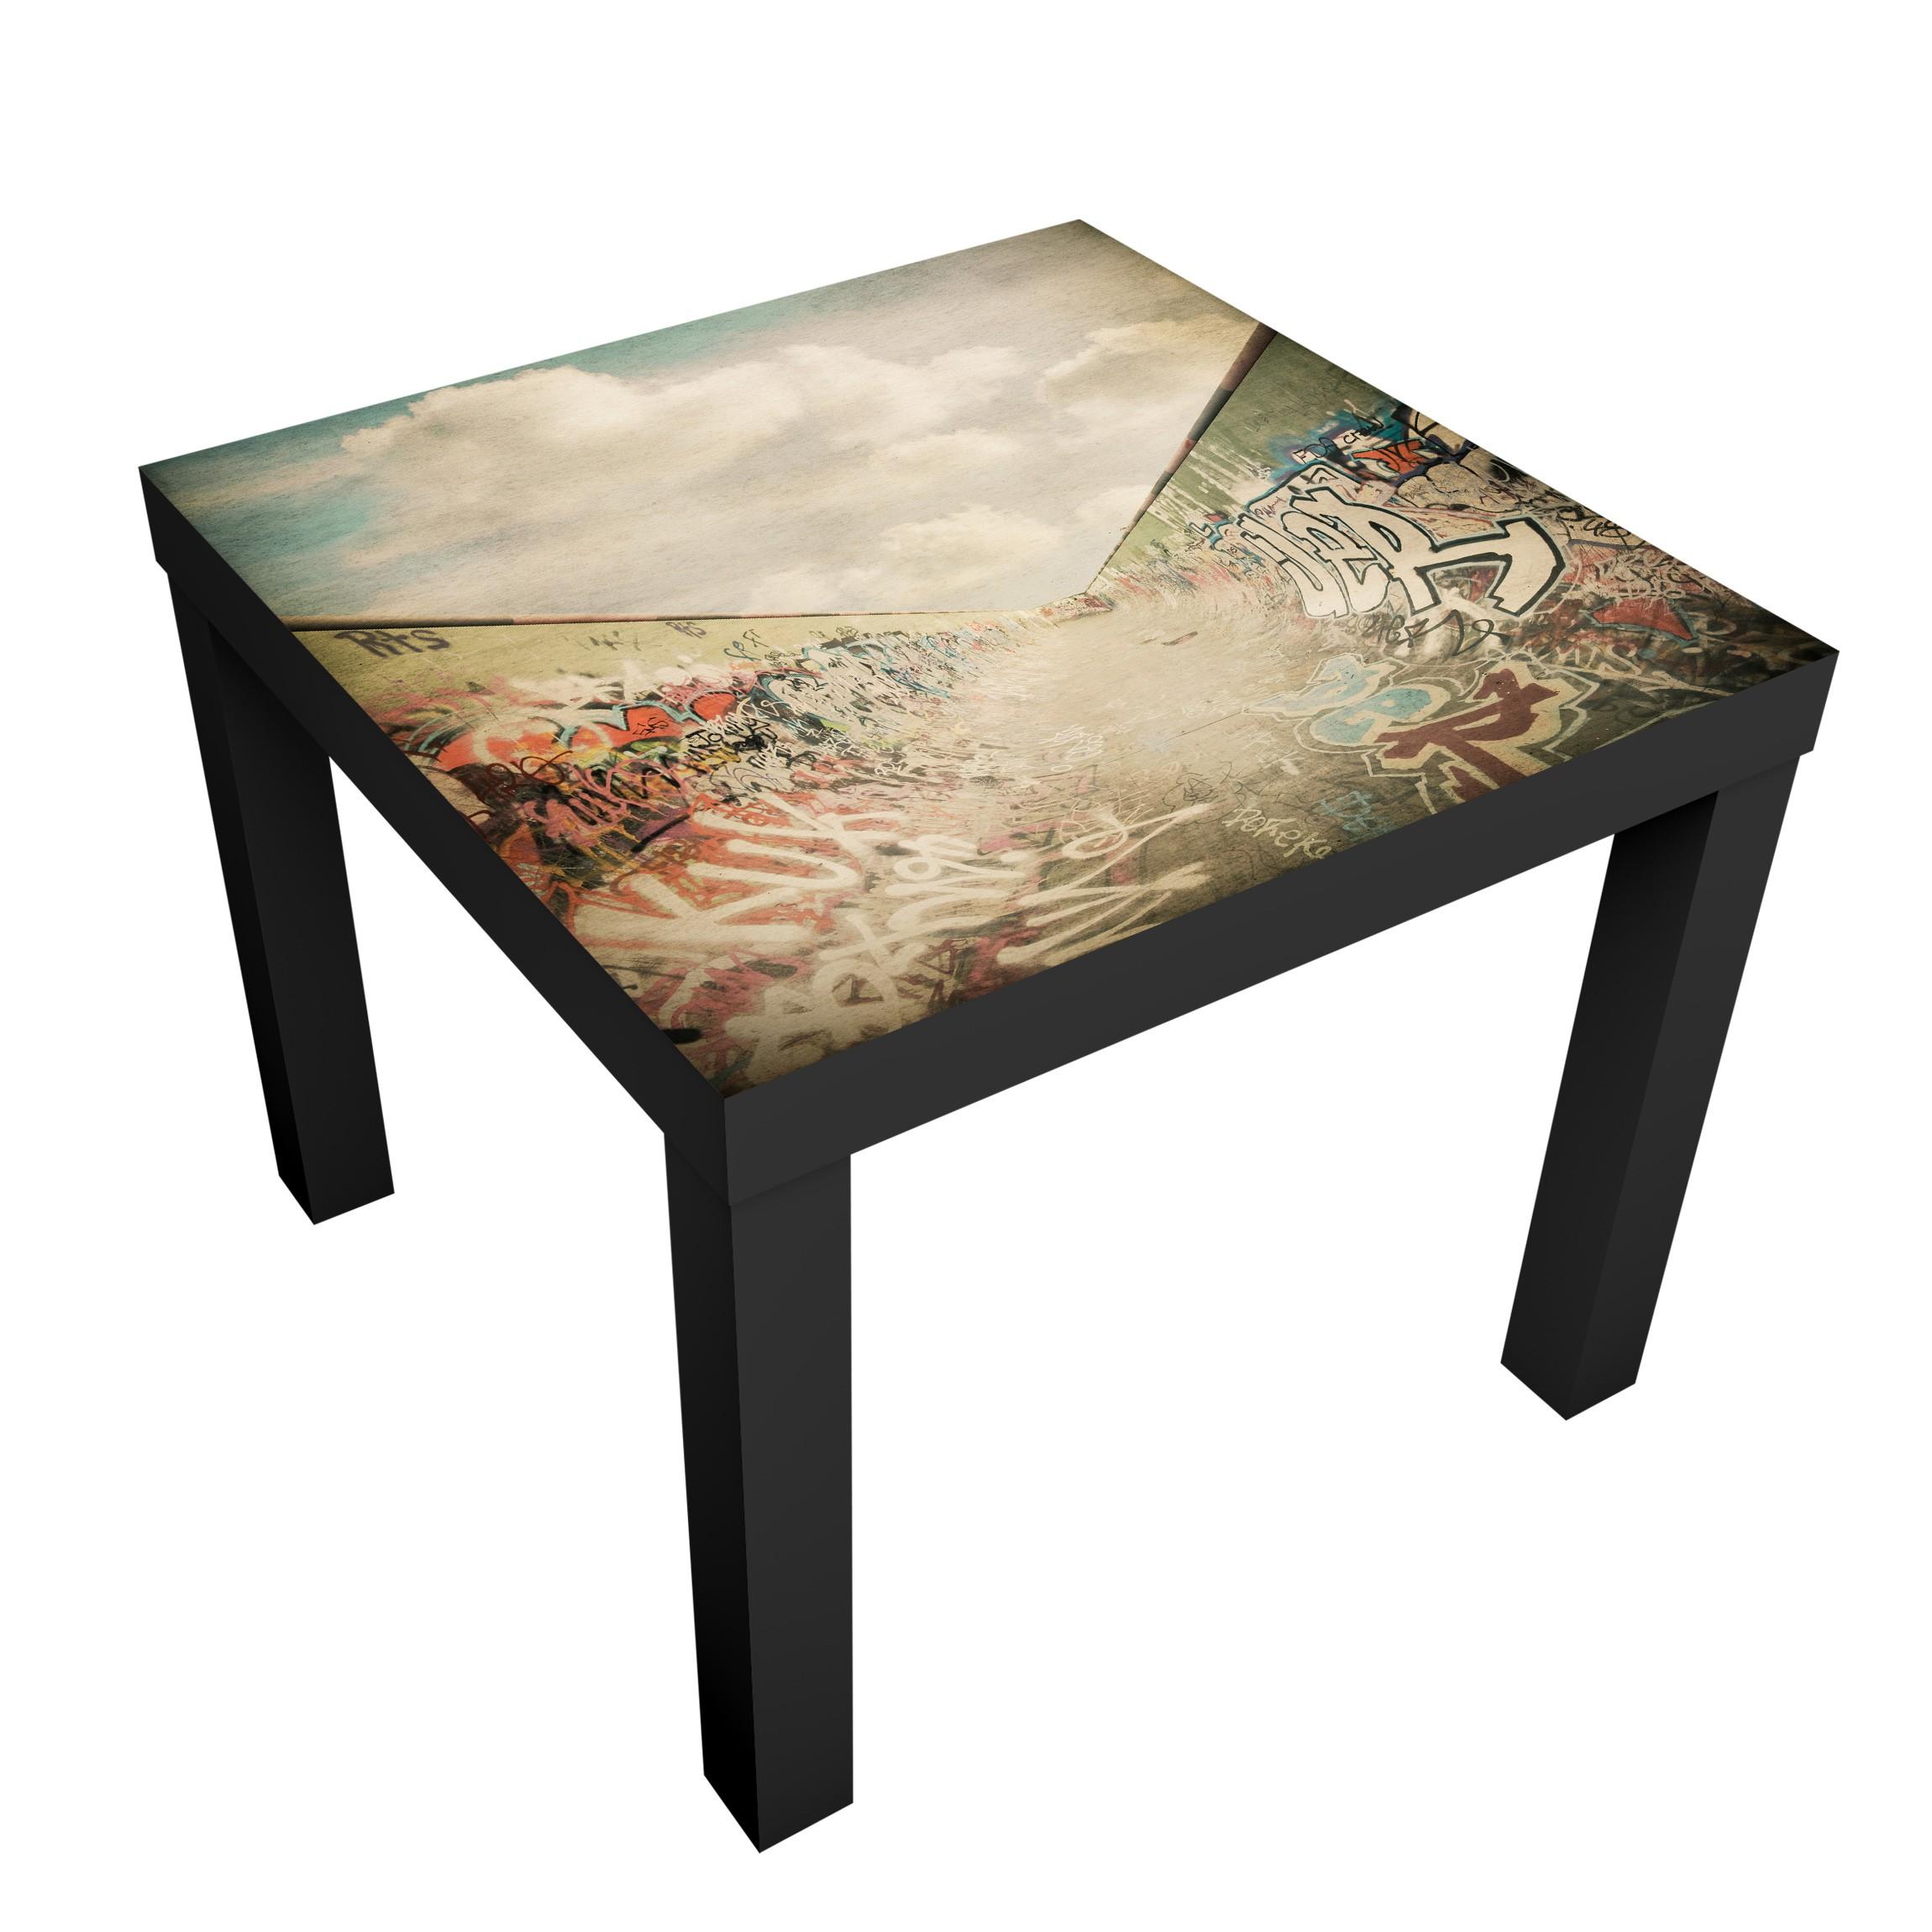 Carta adesiva per mobili ikea lack tavolino graffiti skate park - Carta per coprire mobili ...